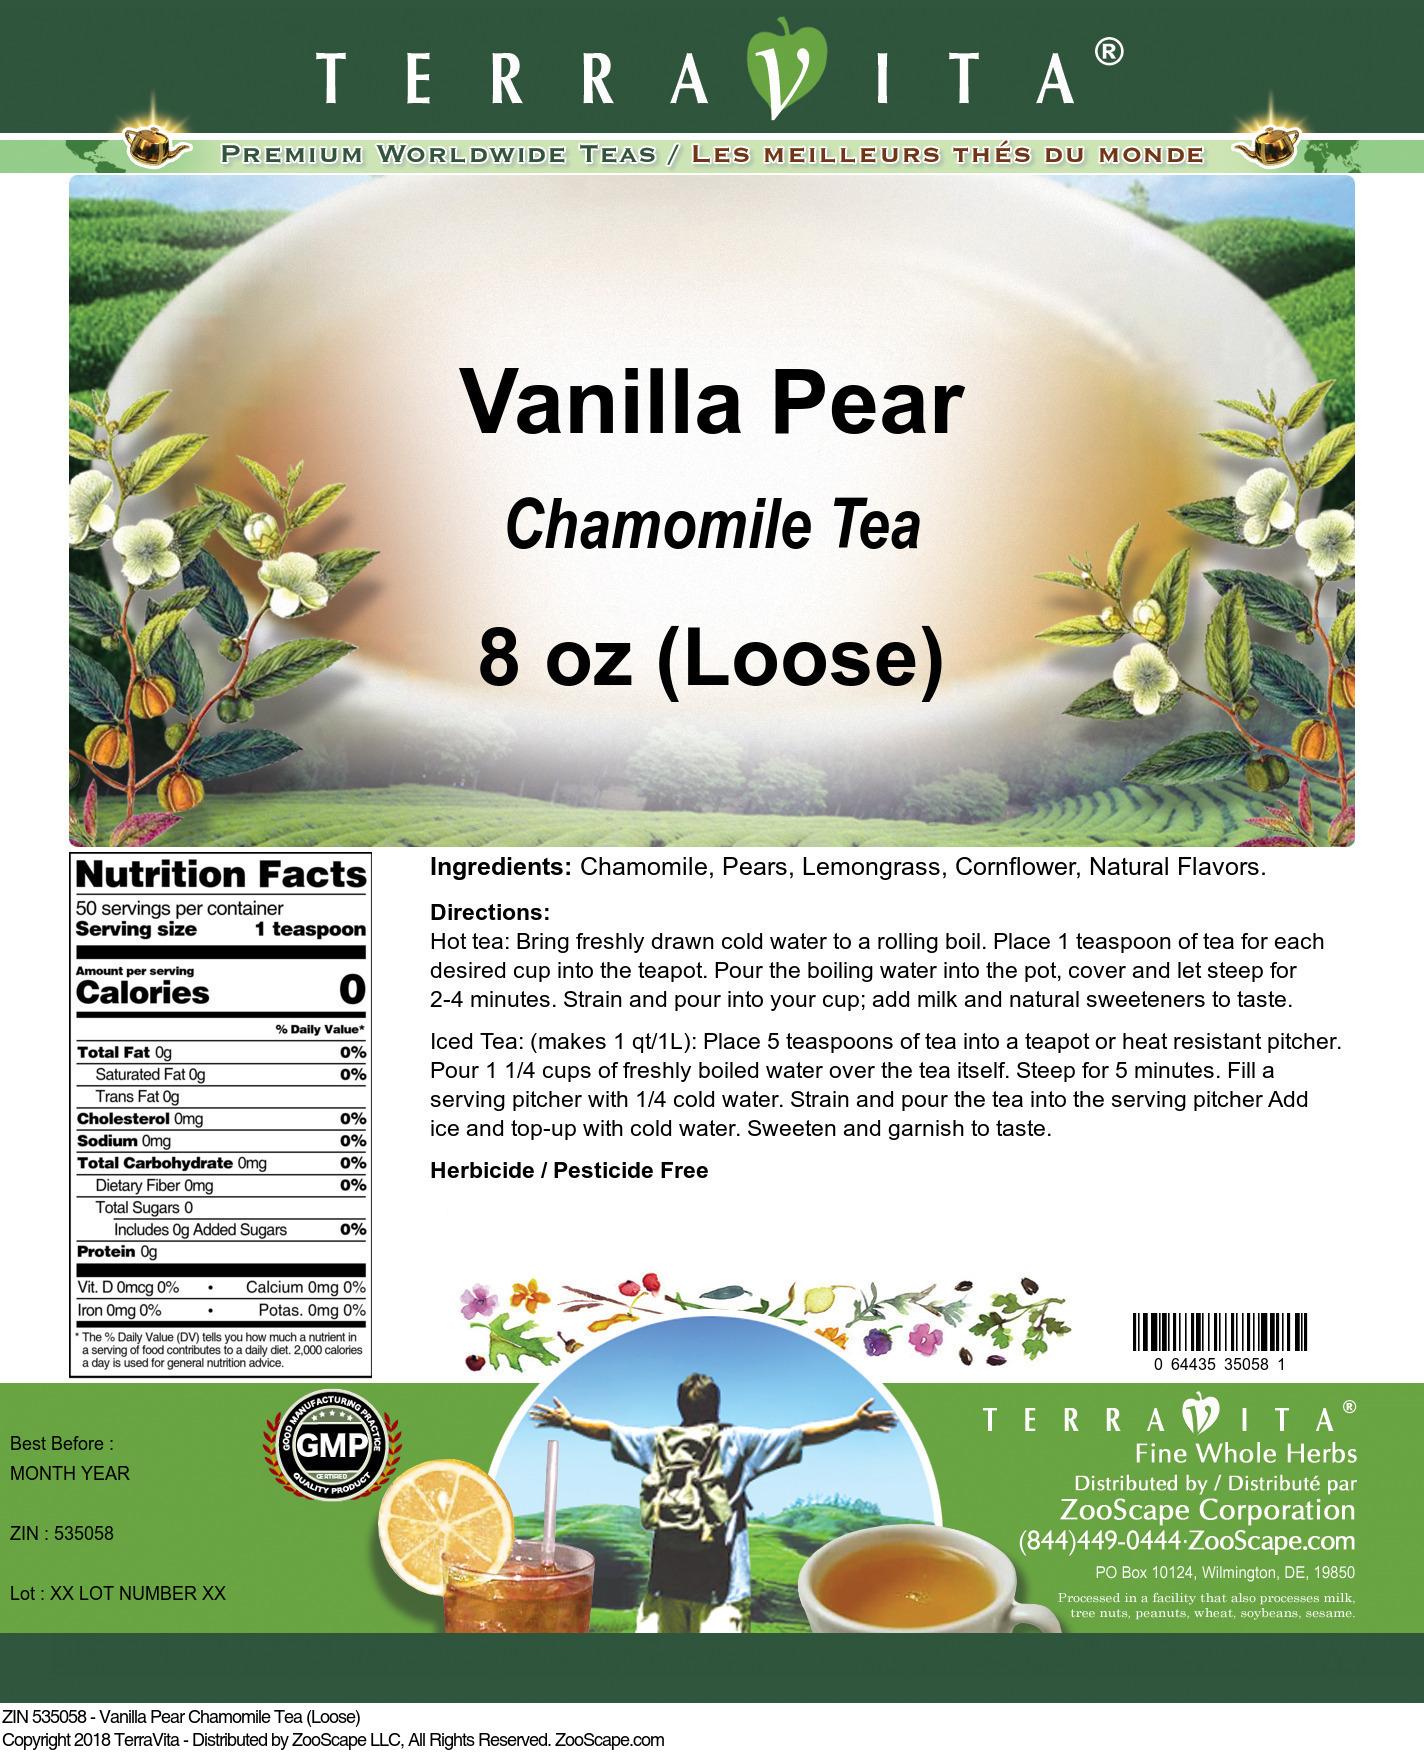 Vanilla Pear Chamomile Tea (Loose)